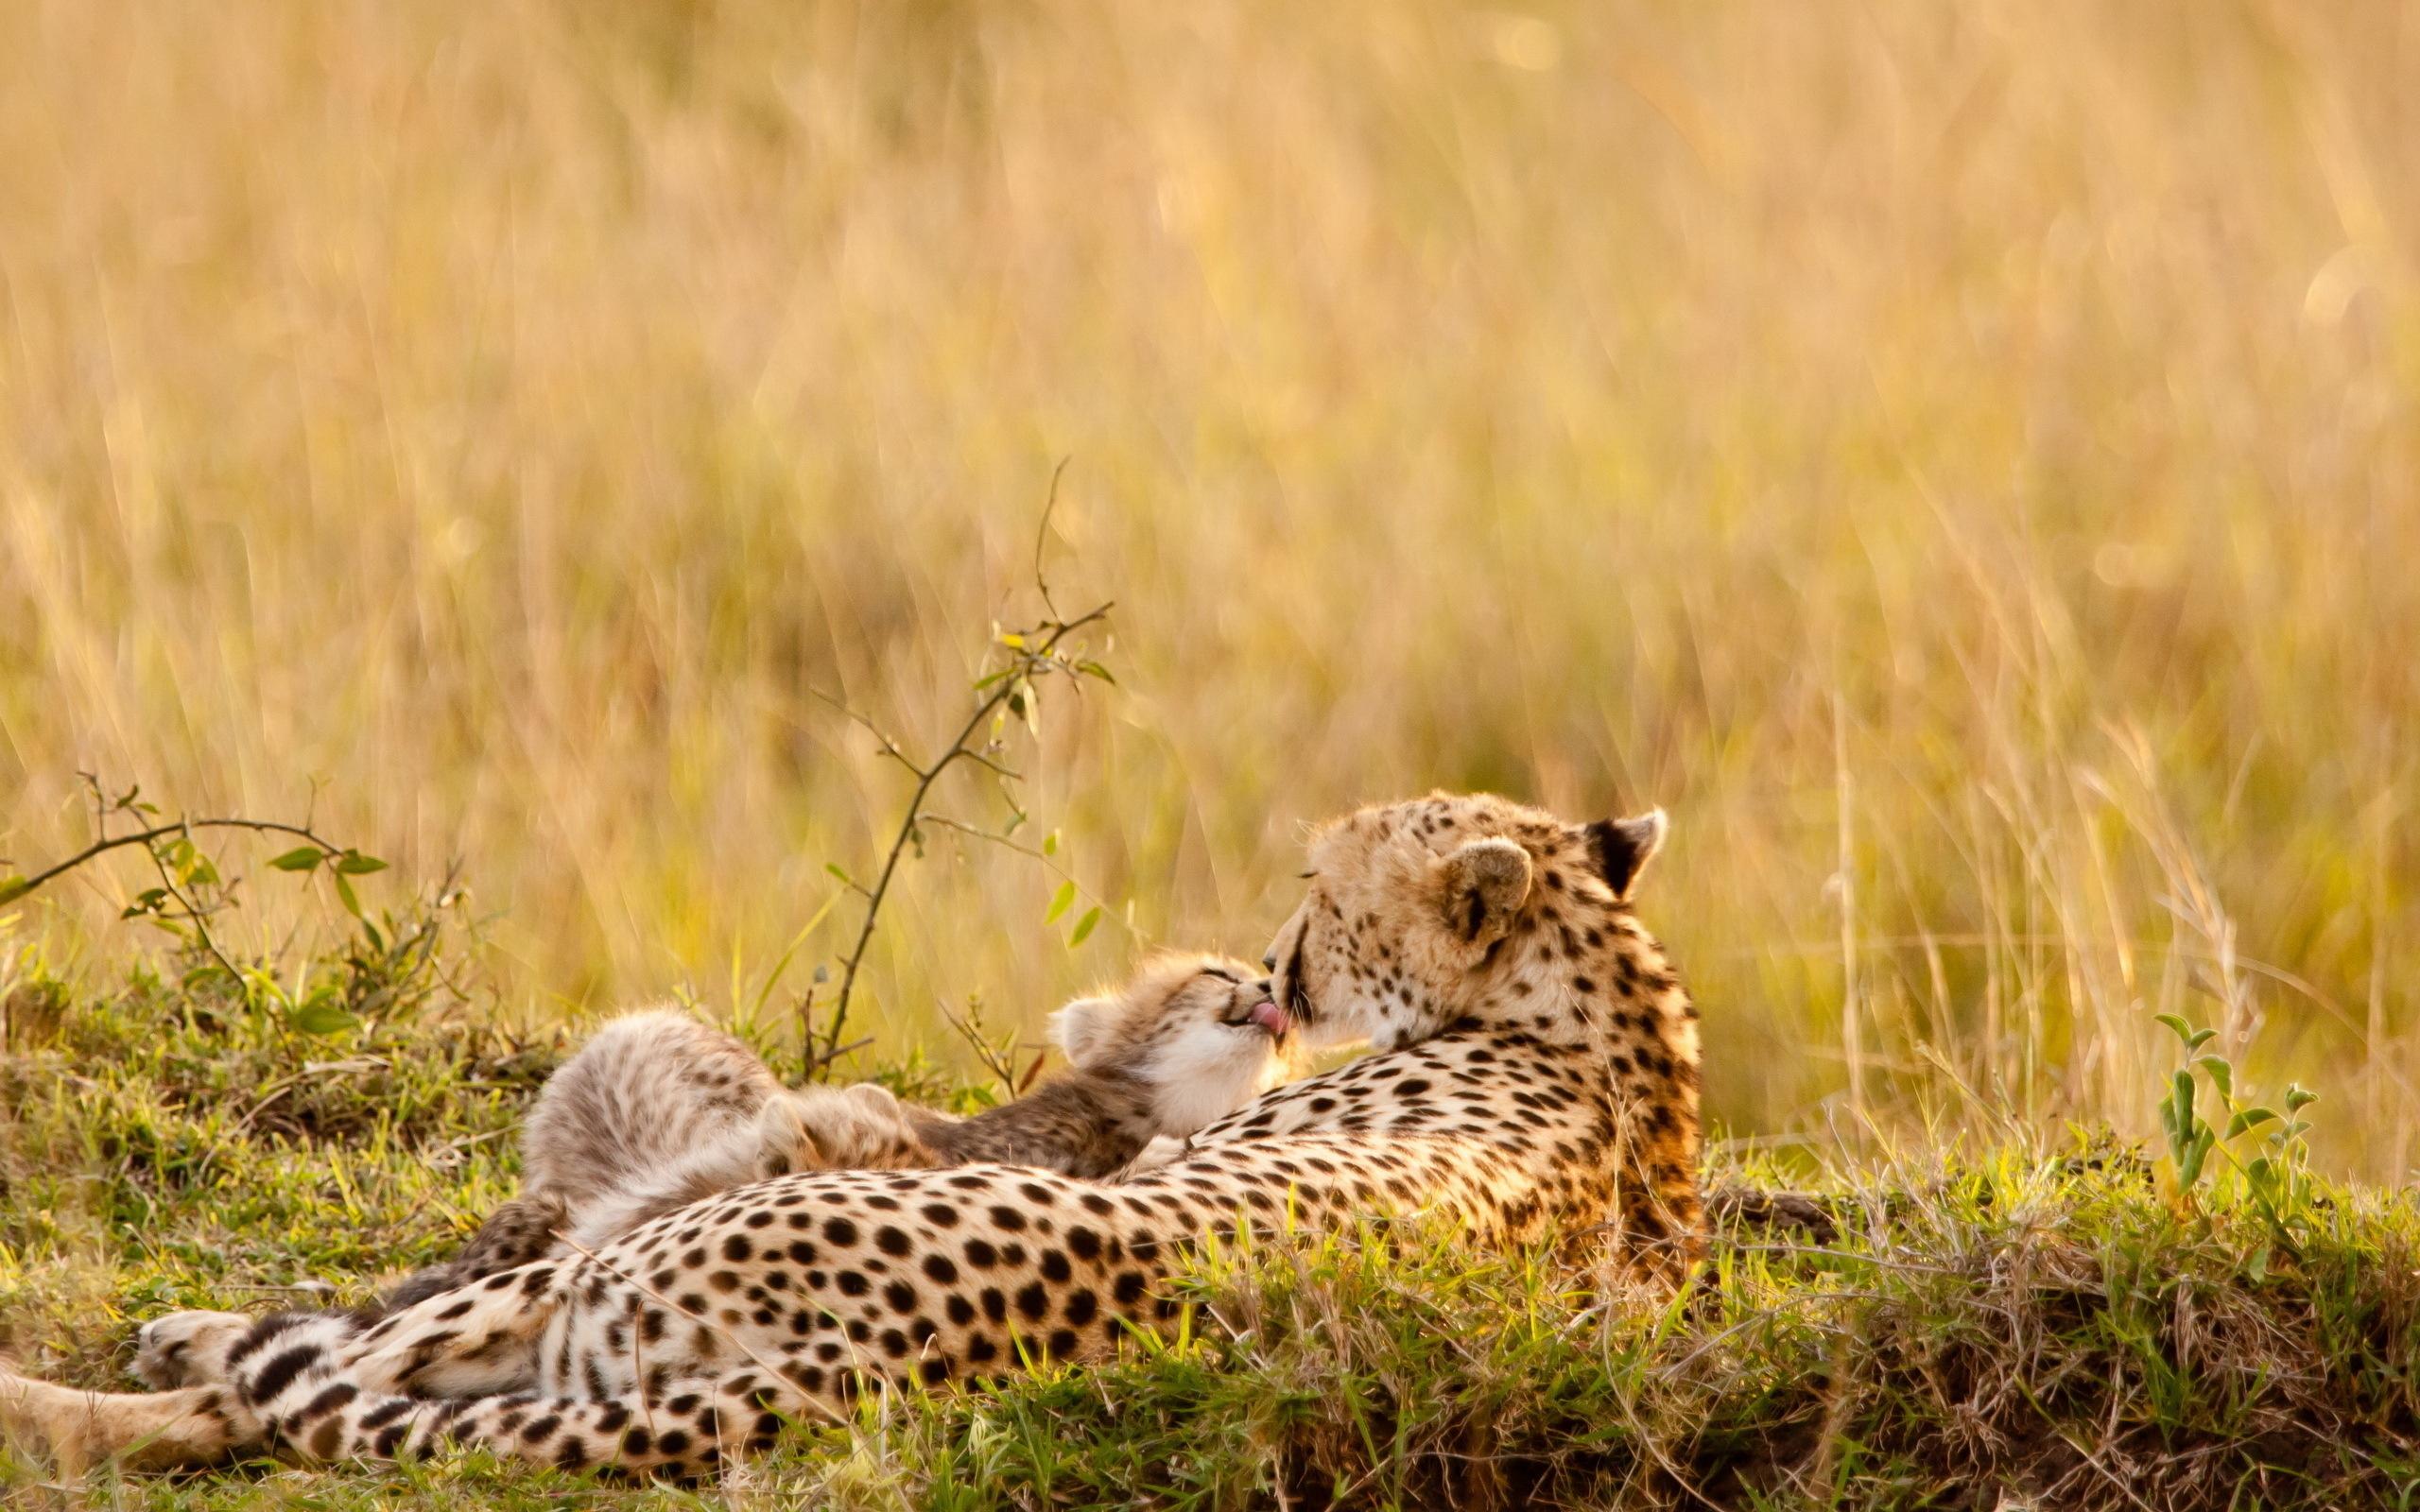 природа животные Гепарды камни трава дерево горизонт  № 276692 без смс